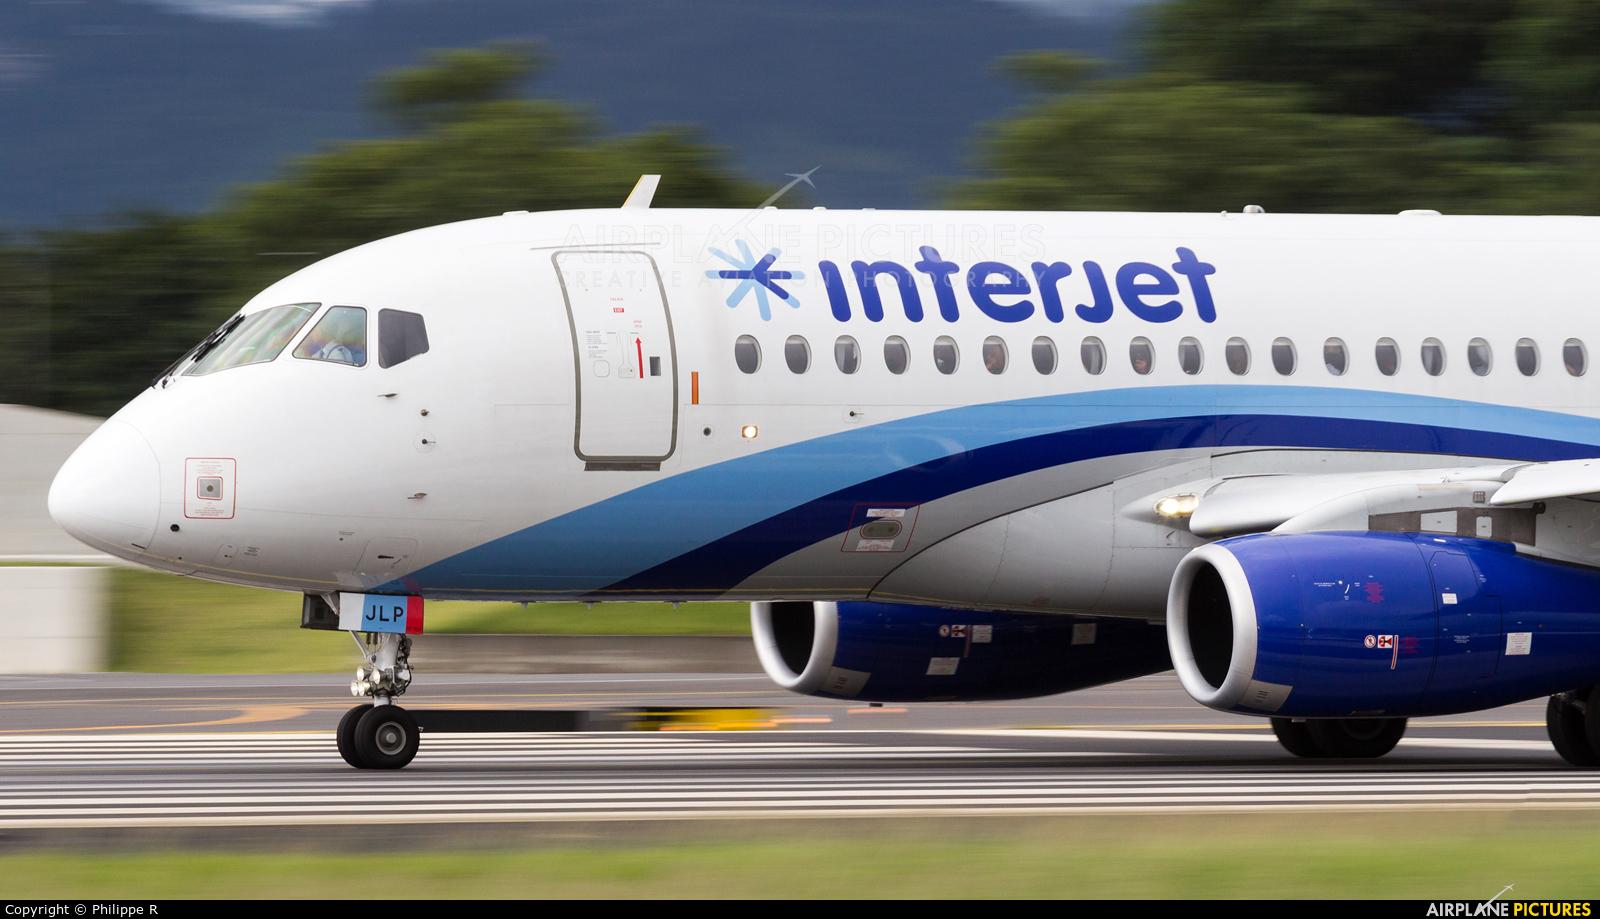 Interjet XA-JLP aircraft at San Jose - Juan Santamaría Intl